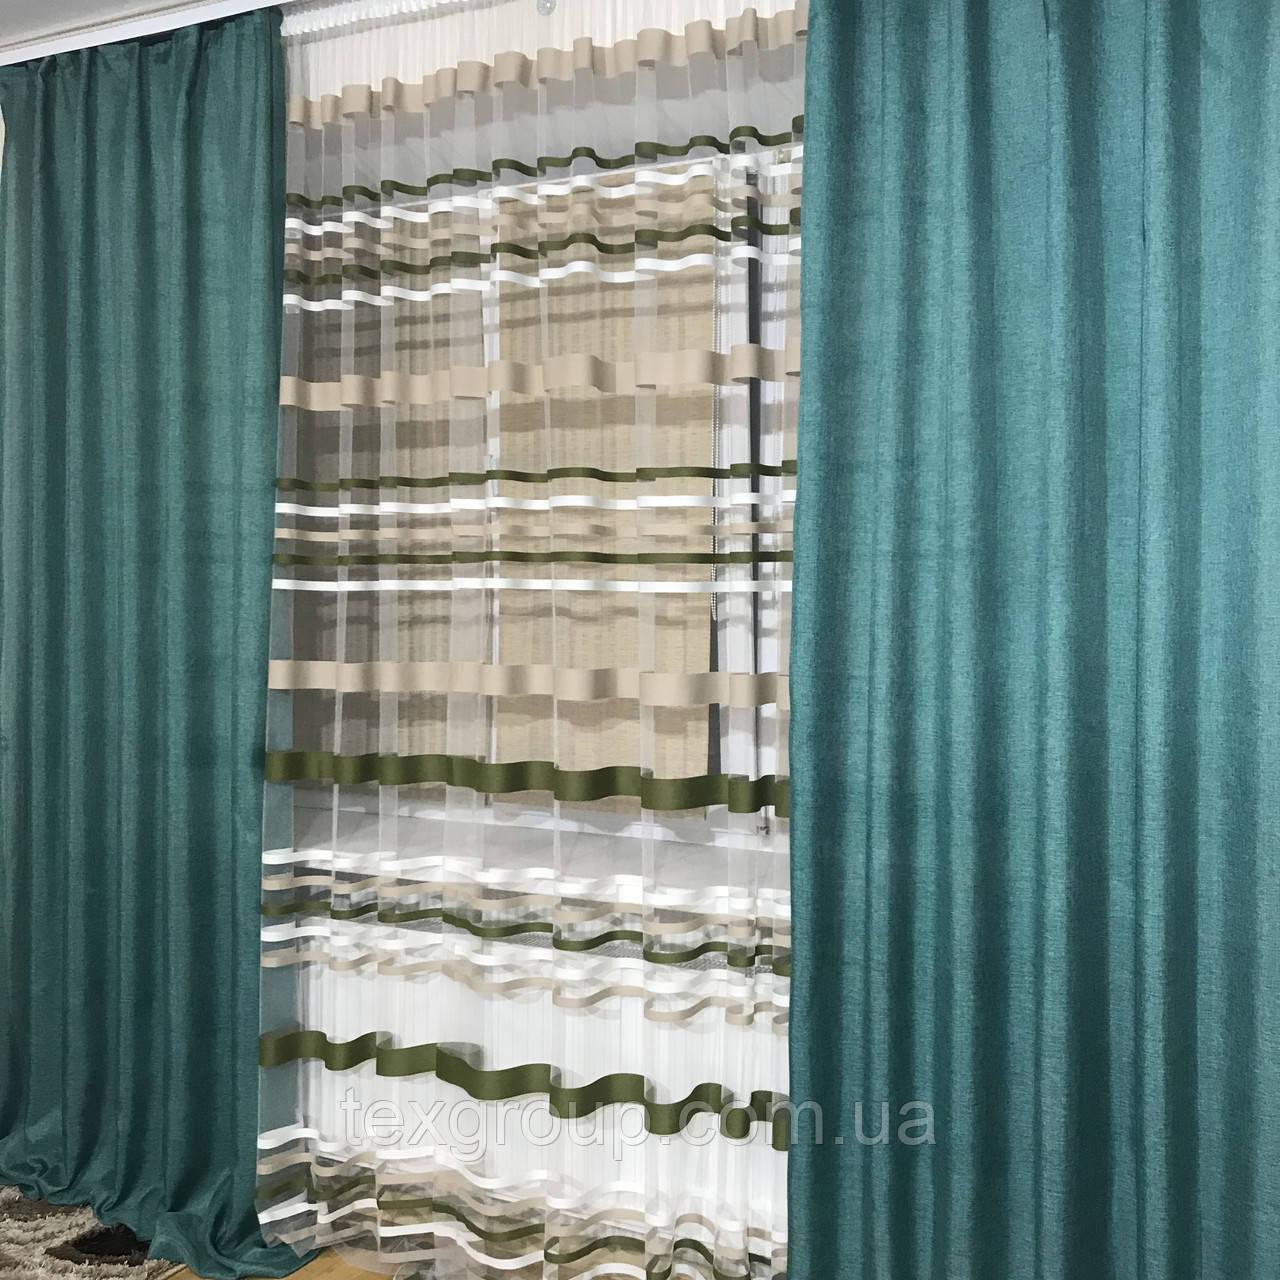 Готовые шторы с тюлью №358